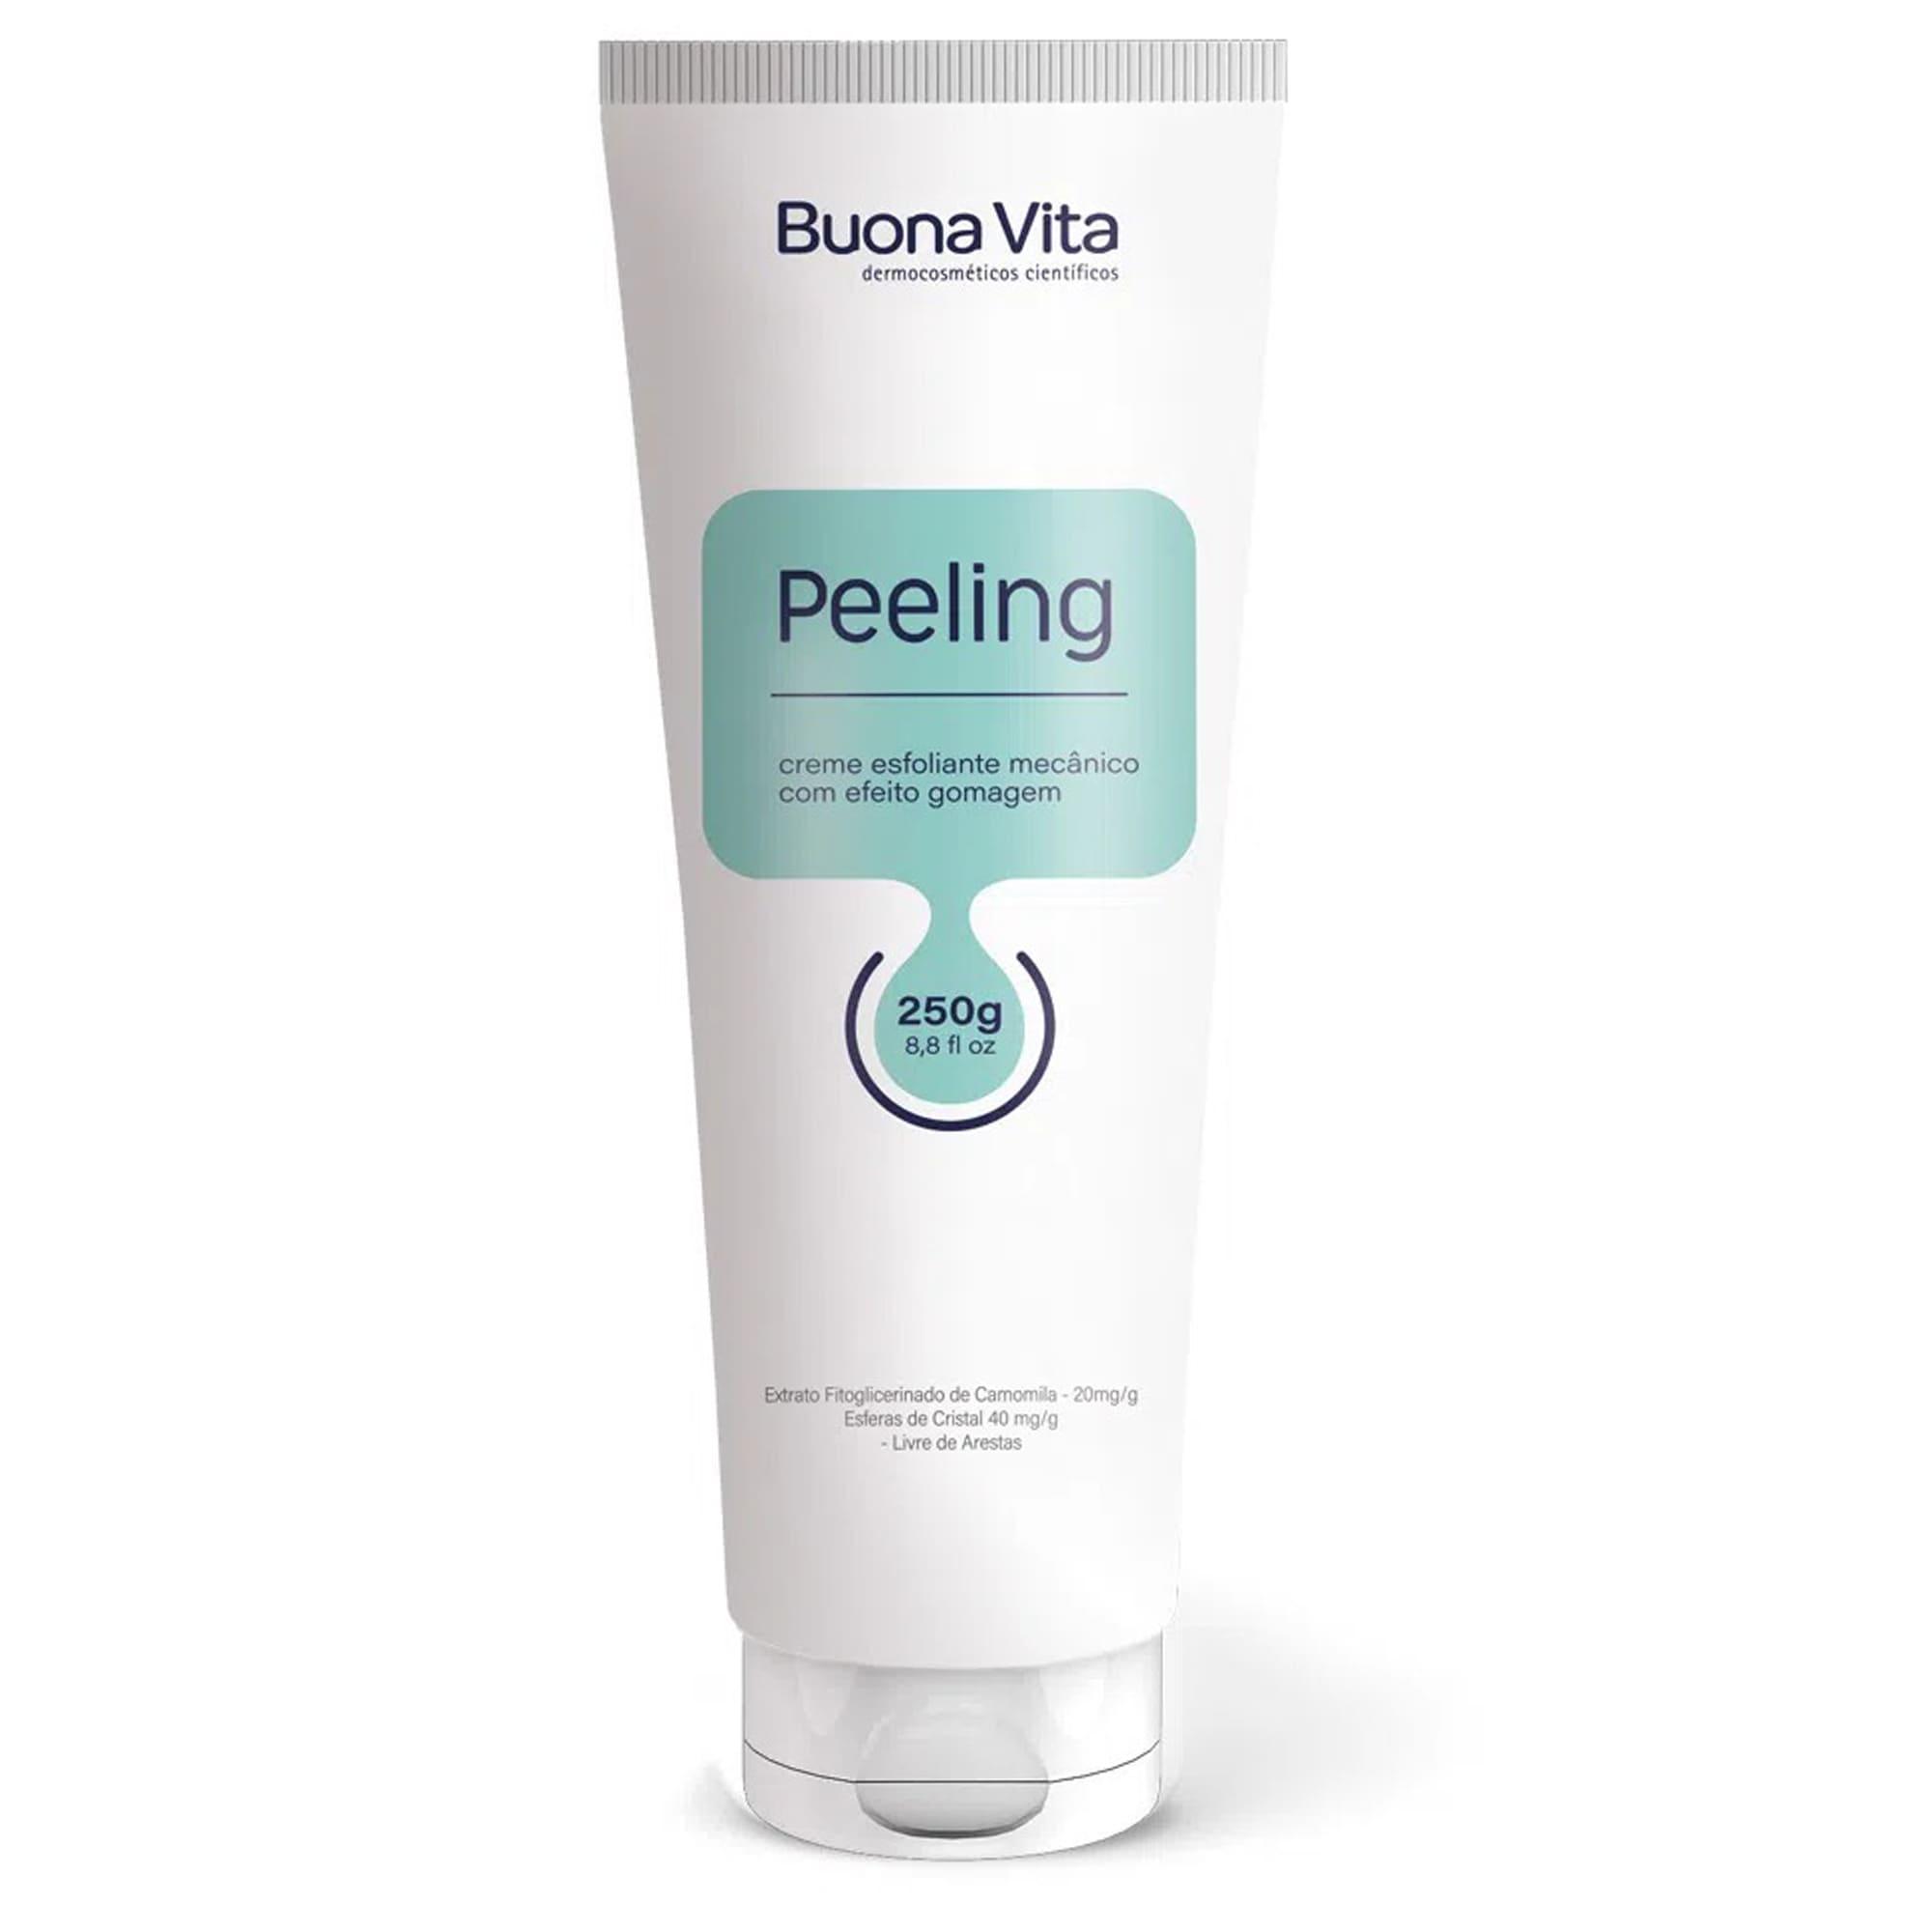 Peeling - Creme Esfoliante Mecânico com Efeito Gomagem 250g | Buona Vita Cosméticos